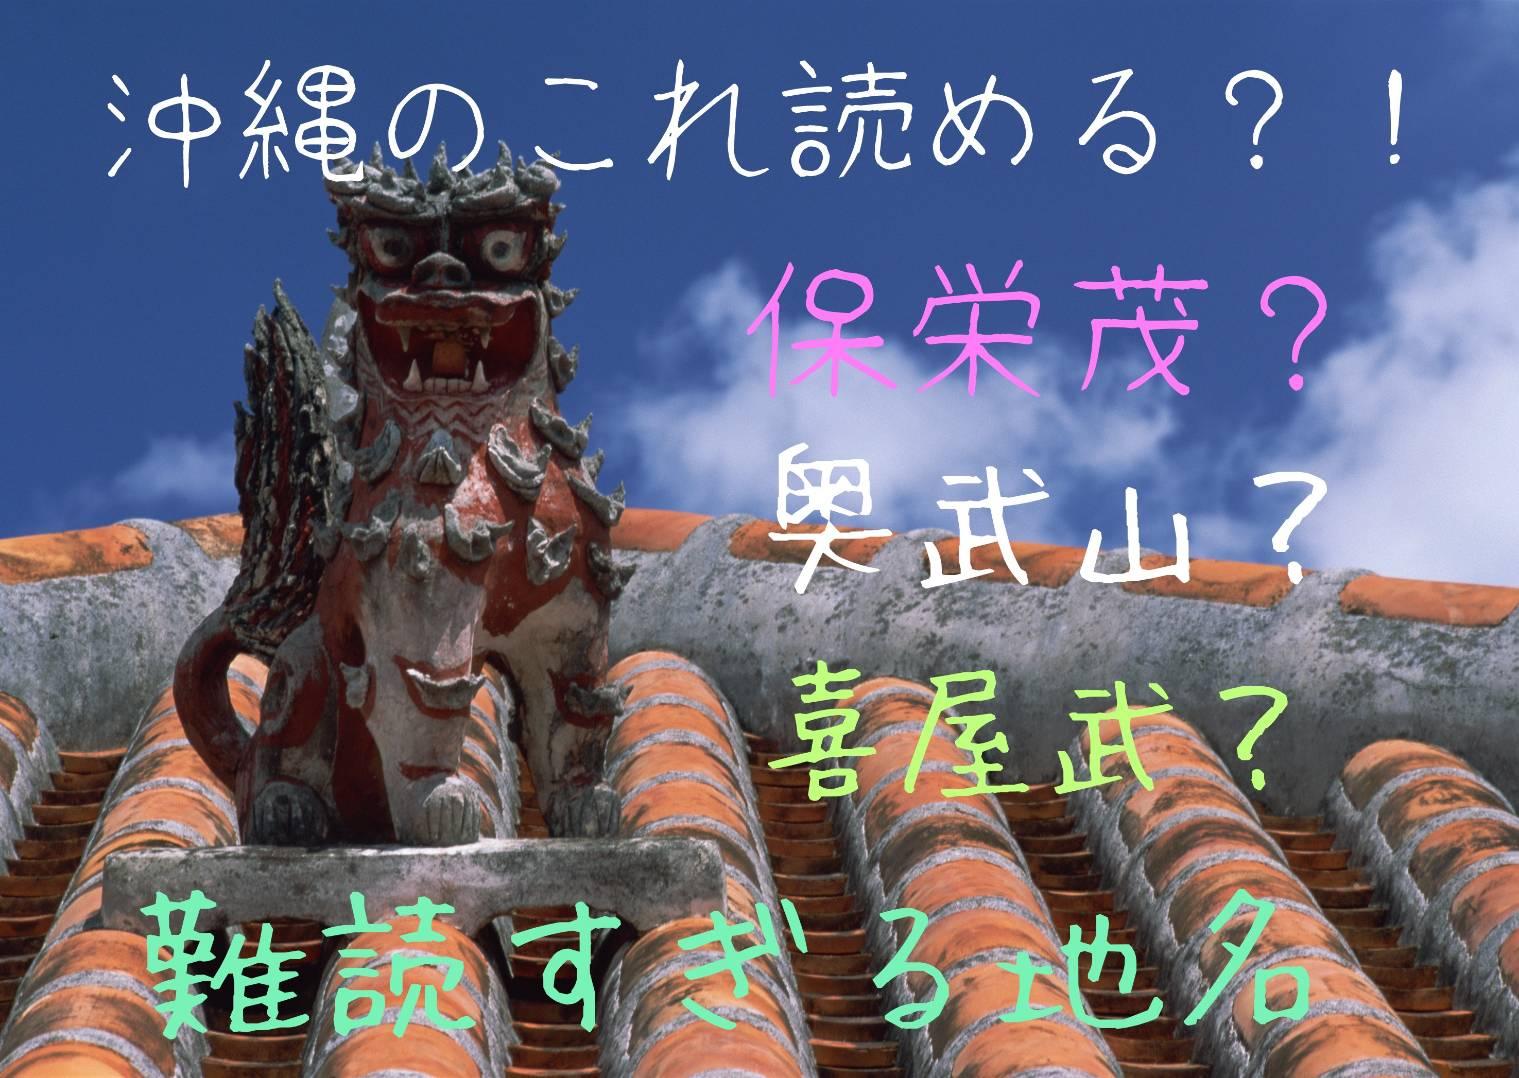 ☆沖縄のこれ読める?(@難読すぎる地名)(*ノωノ)